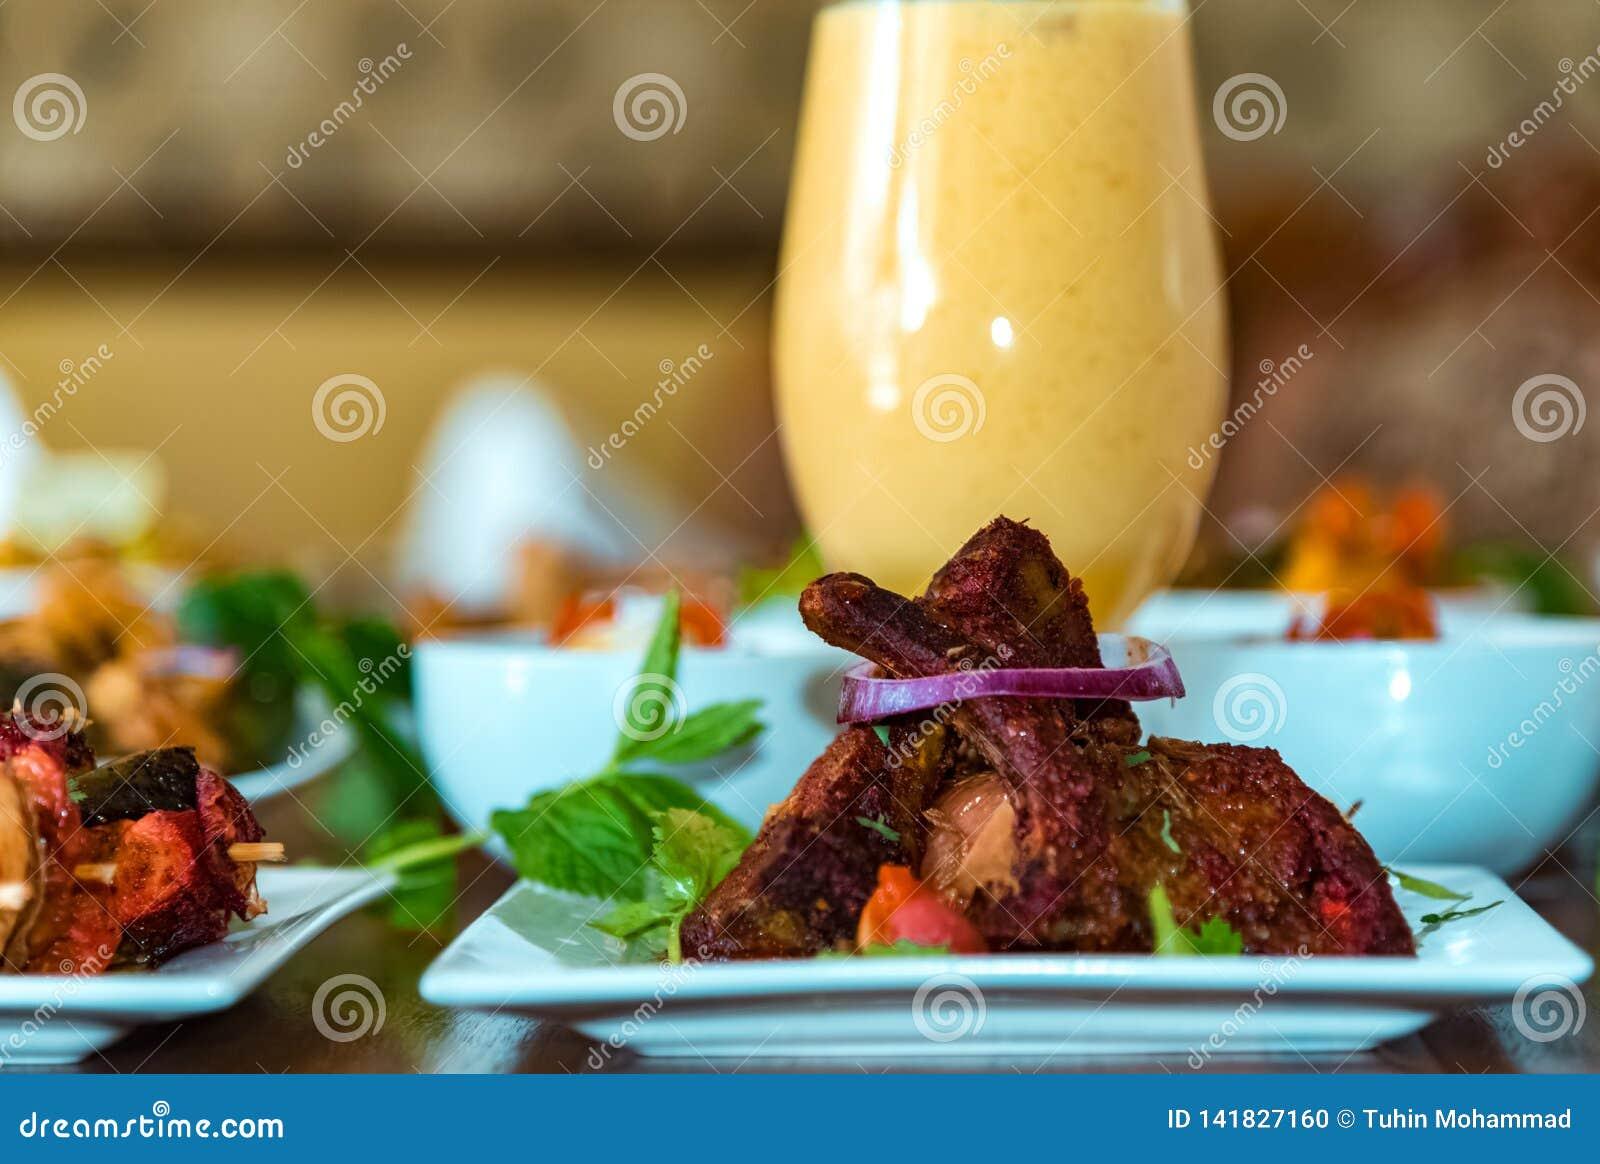 Côtelettes d agneau Cuisine tandoori-épicées